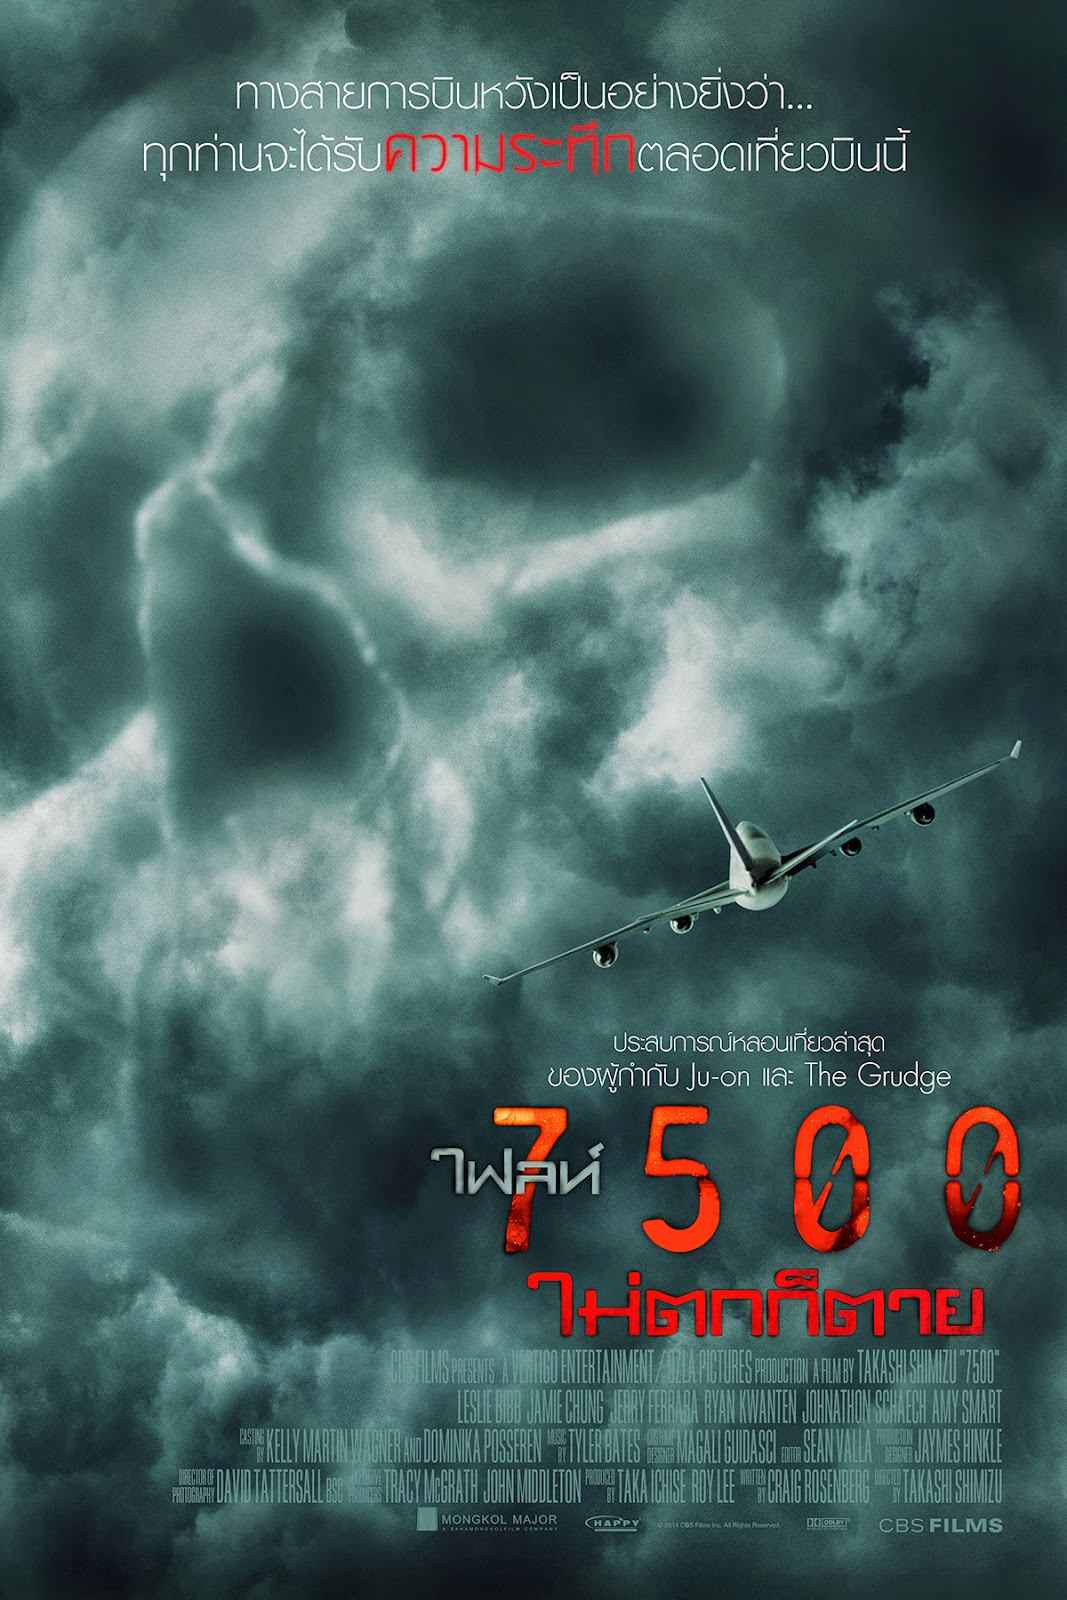 หนังใหม่ 7500 - ไม่ตกก็ตาย  ชนโรง